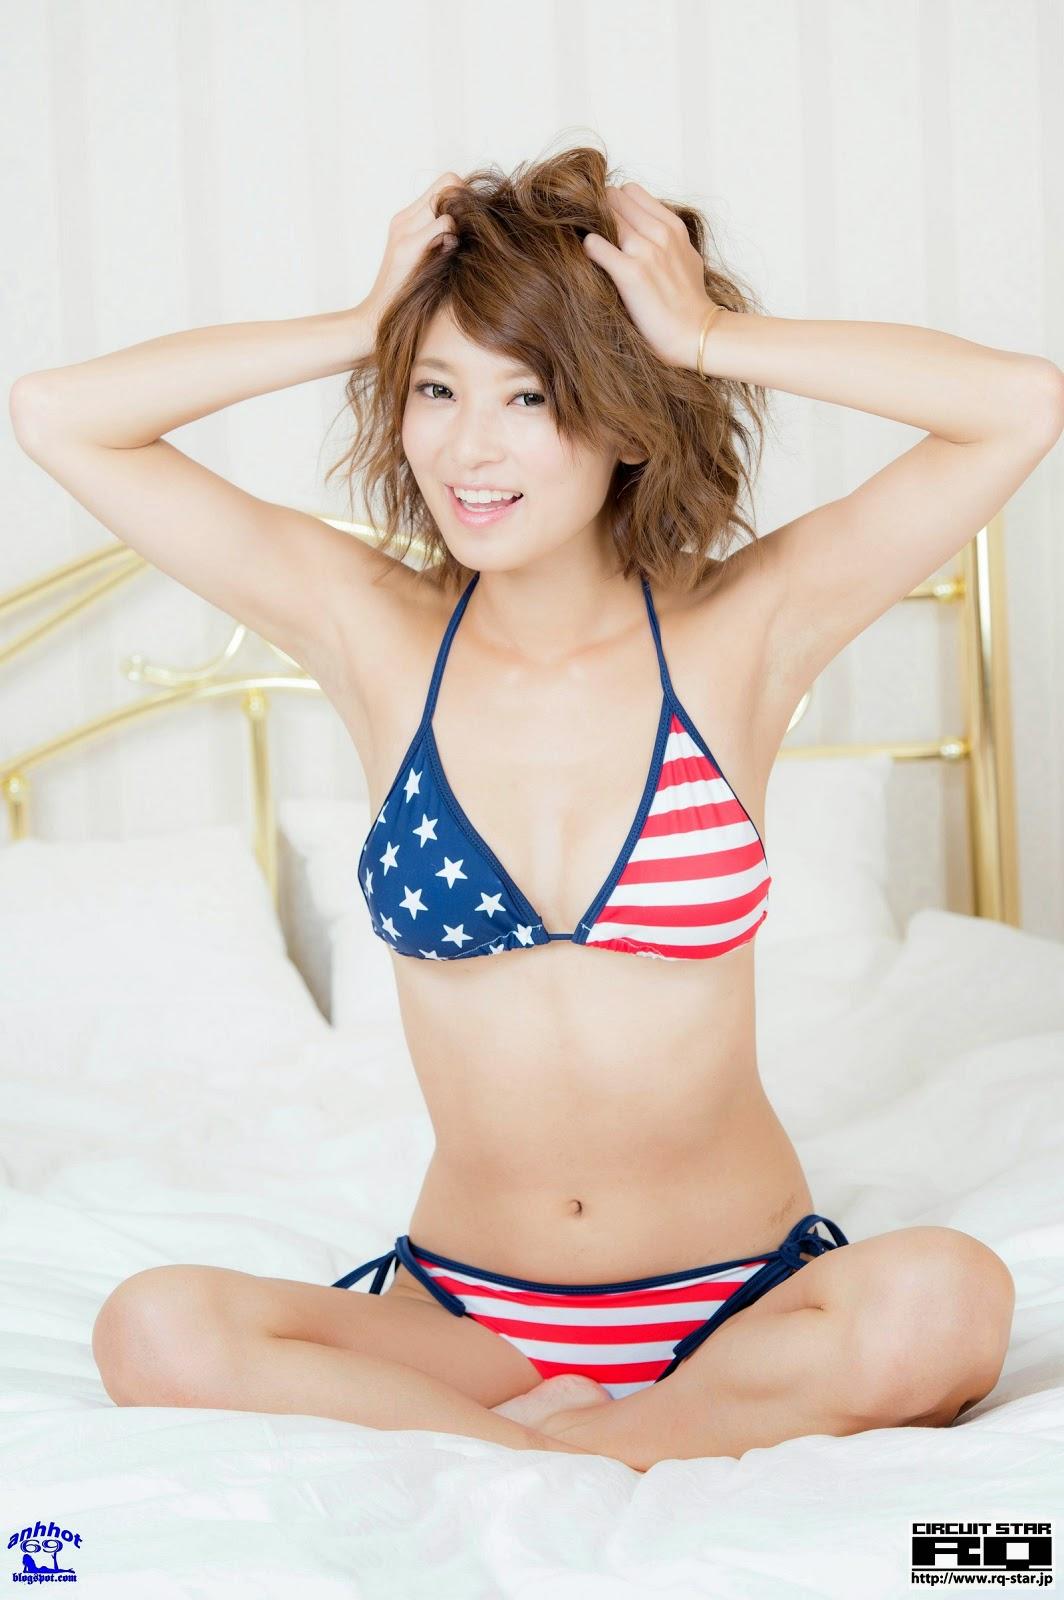 yoshika-tsujii_RQ-Star-No.965_126